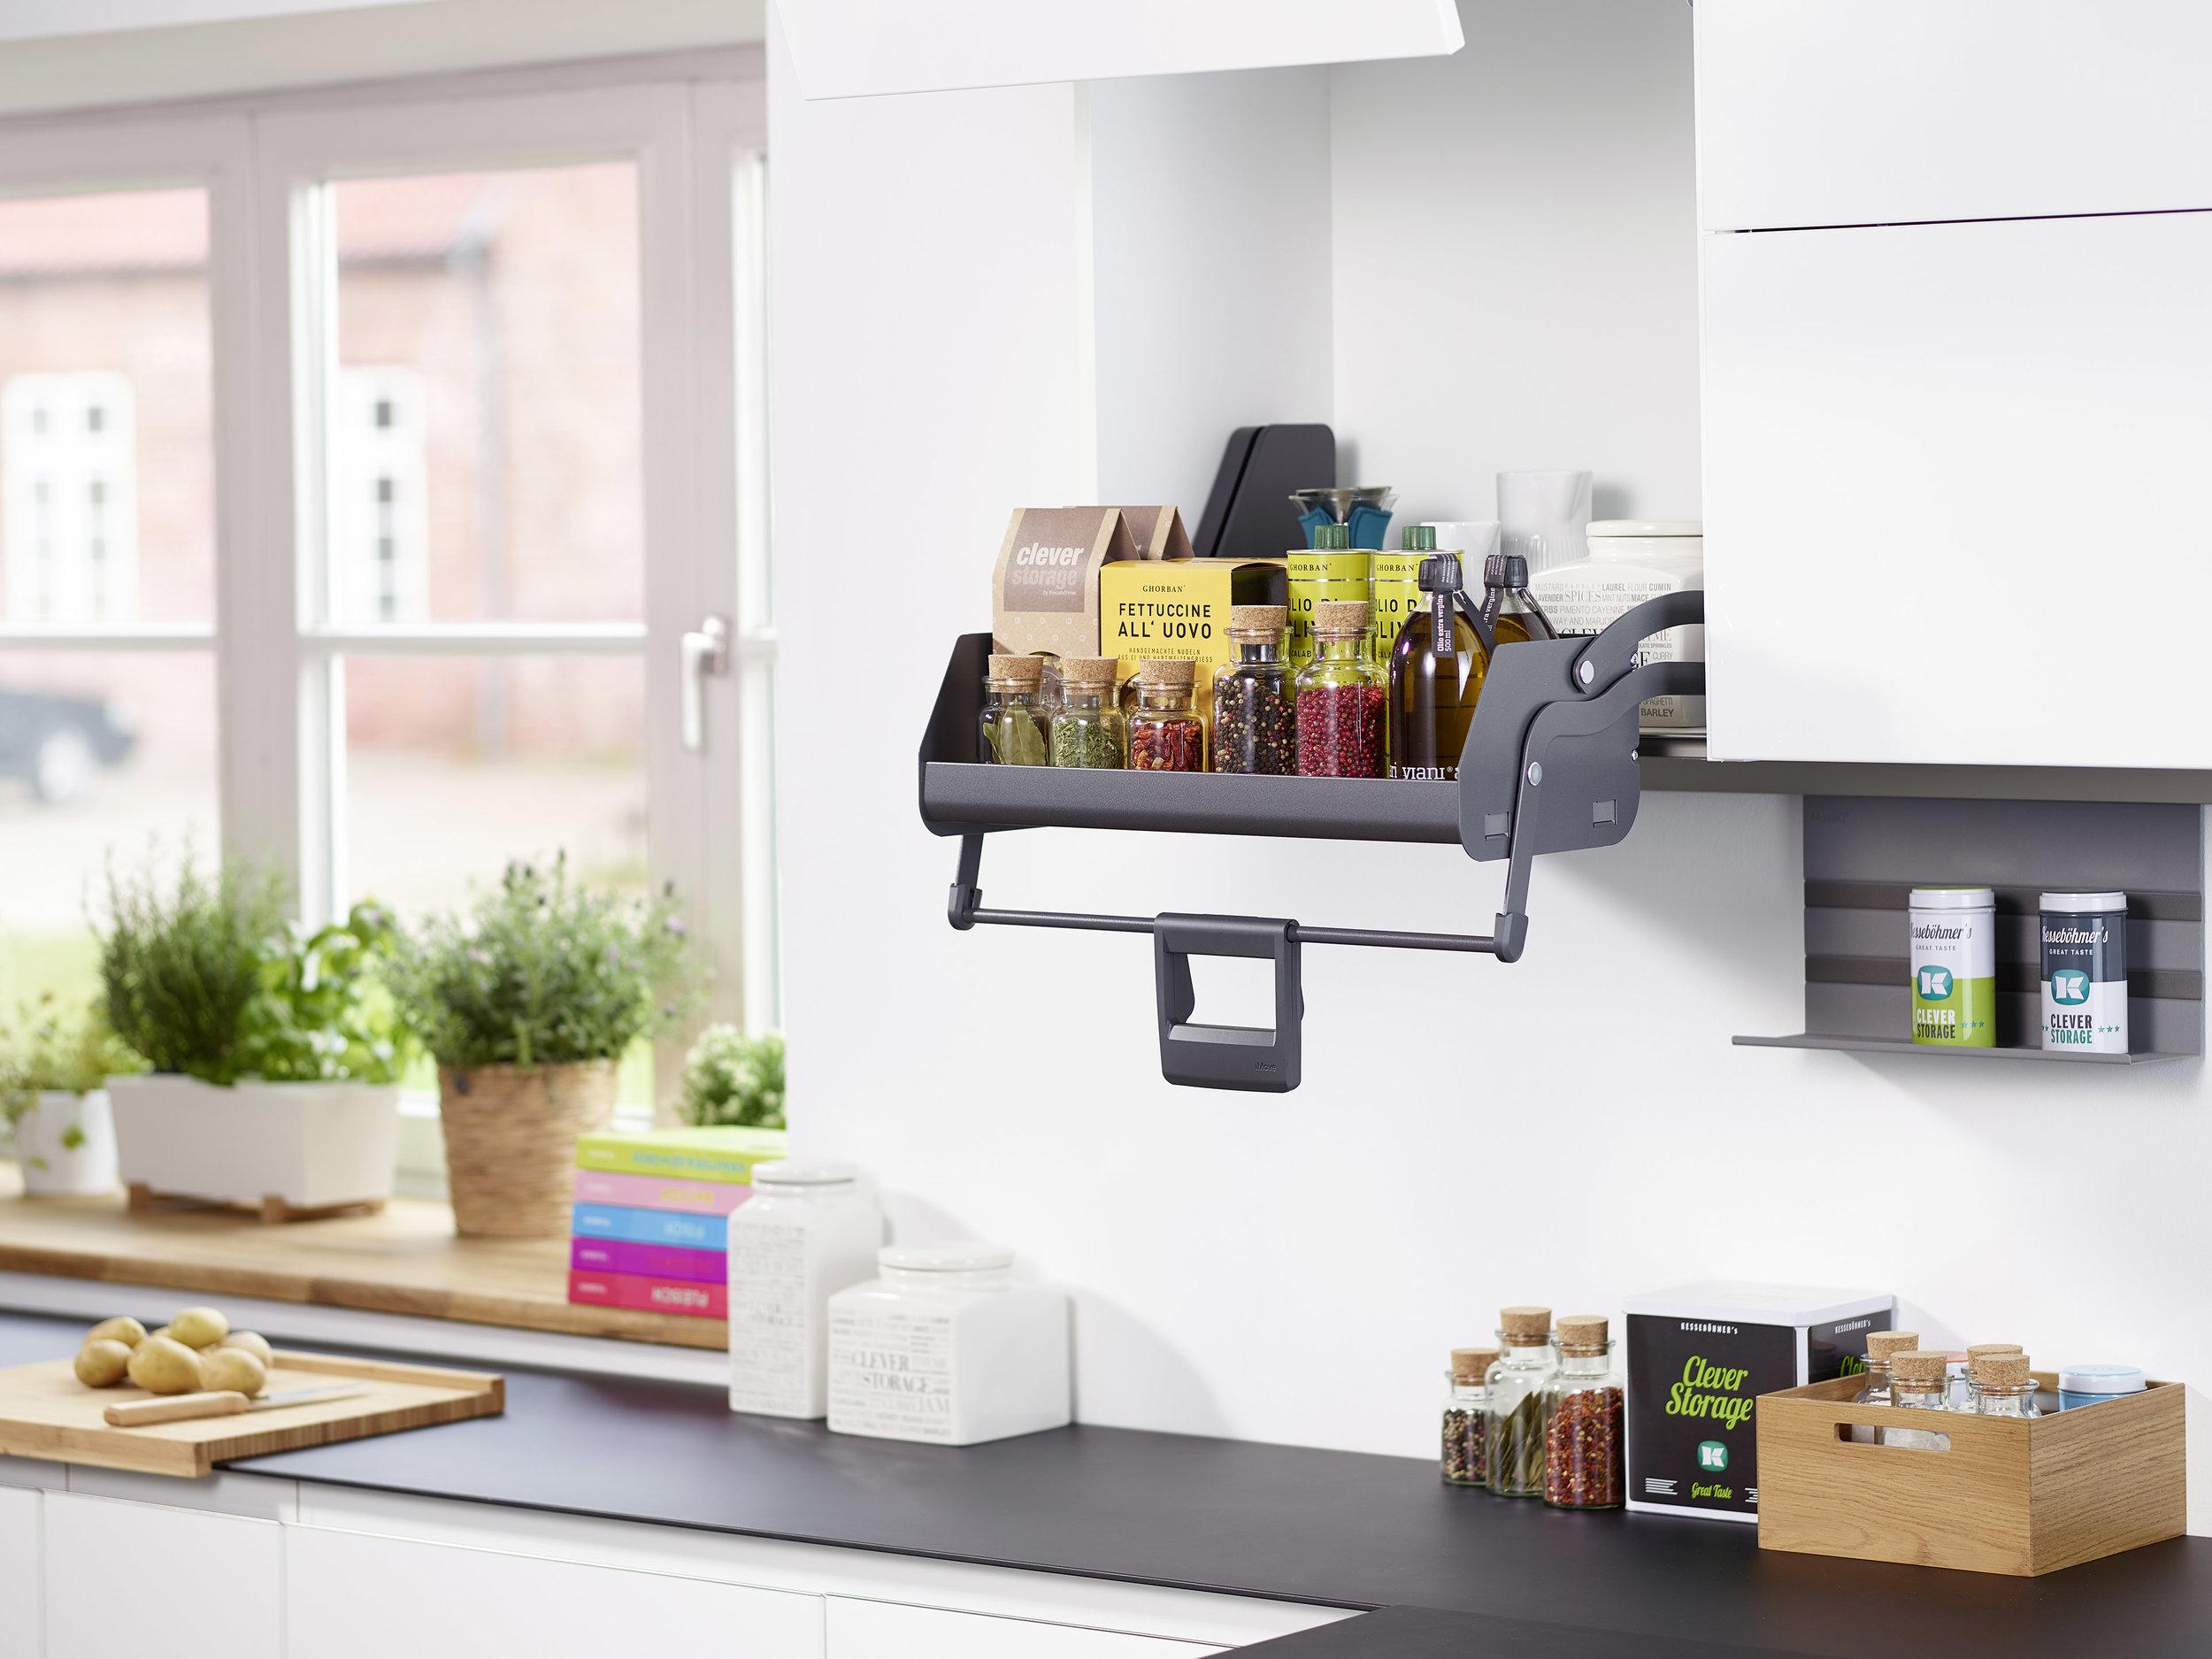 Kitchen Appliance & Storage Trends 2018